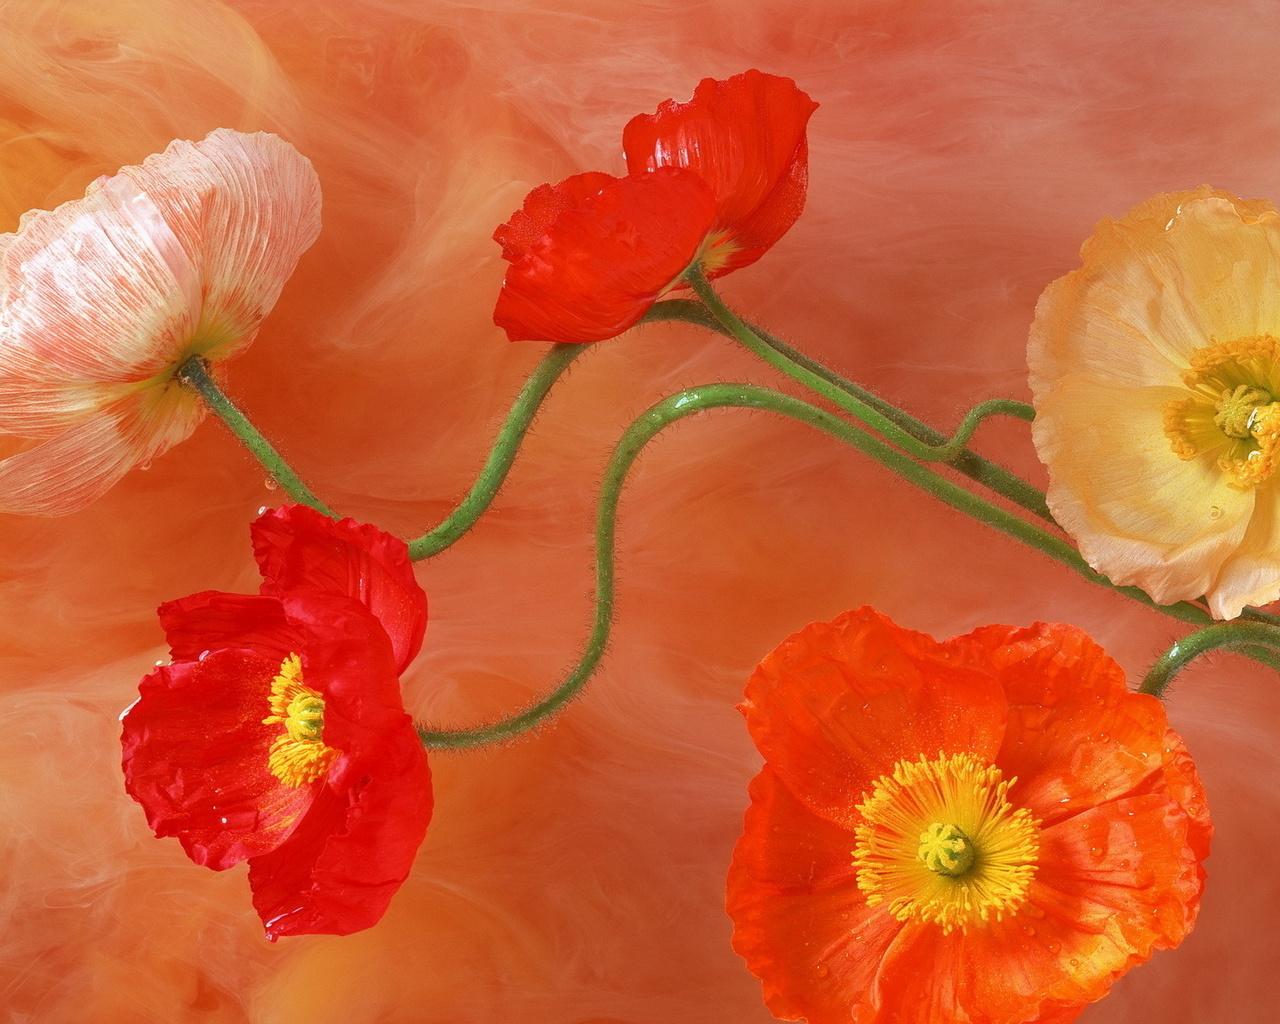 Рисунок, цветы, маки, стебель, лепестки, серединки, цвета, краски, яркость